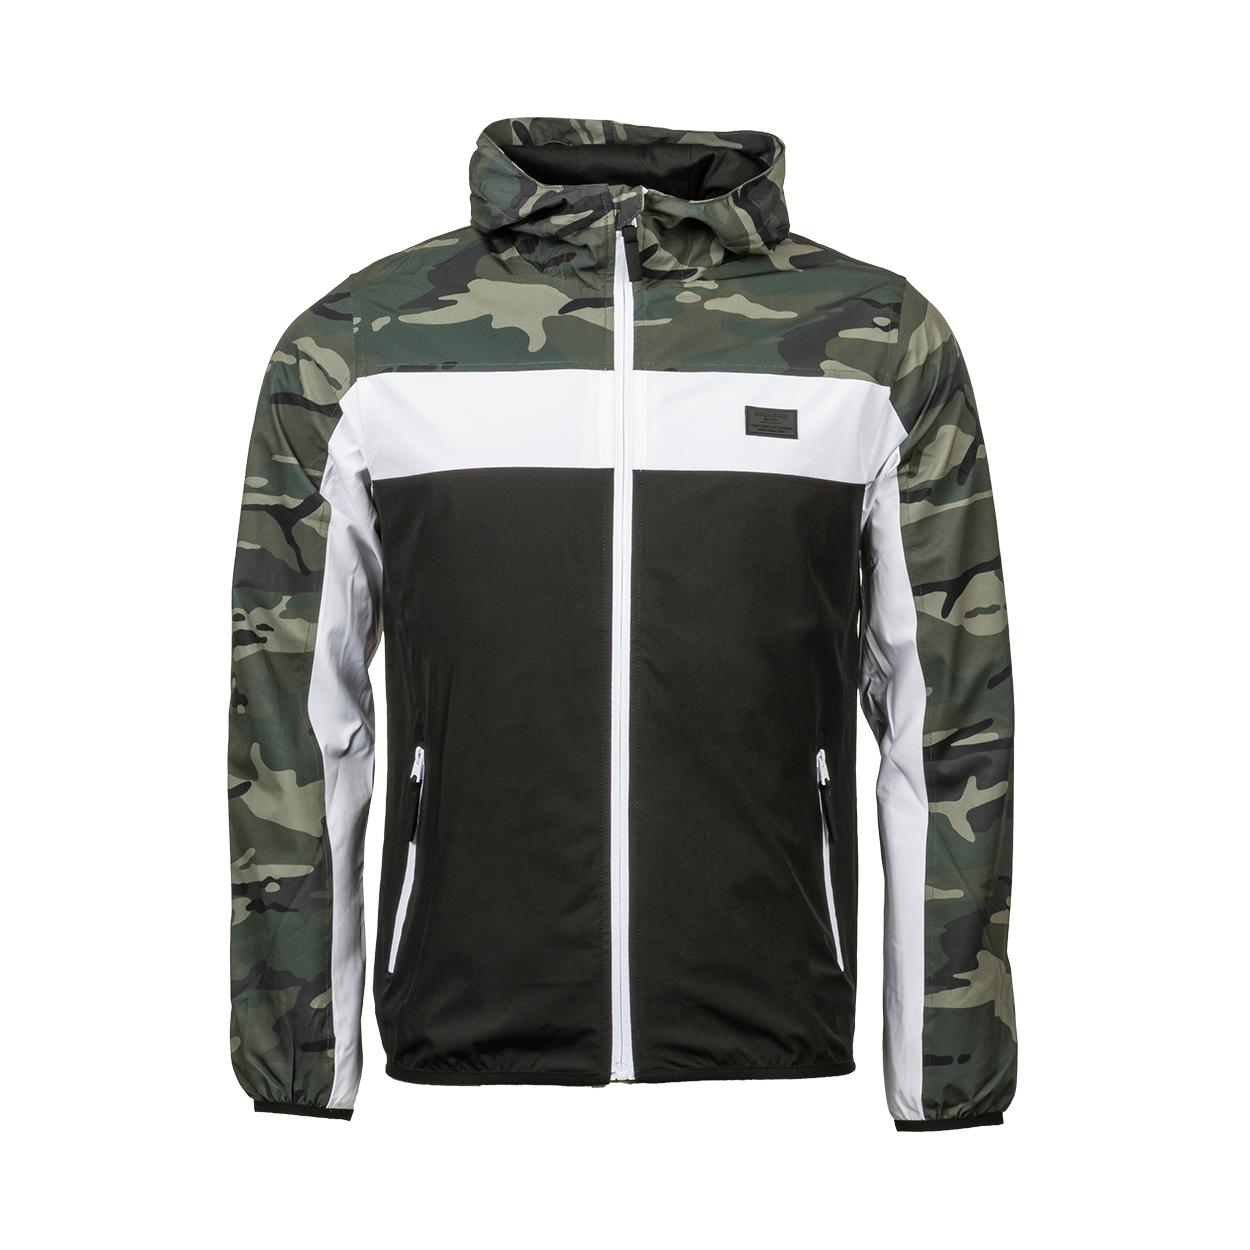 Veste coupe-vent à capuche deeluxe est.74 frizzy colorblock noir, blanc et motif camouflage